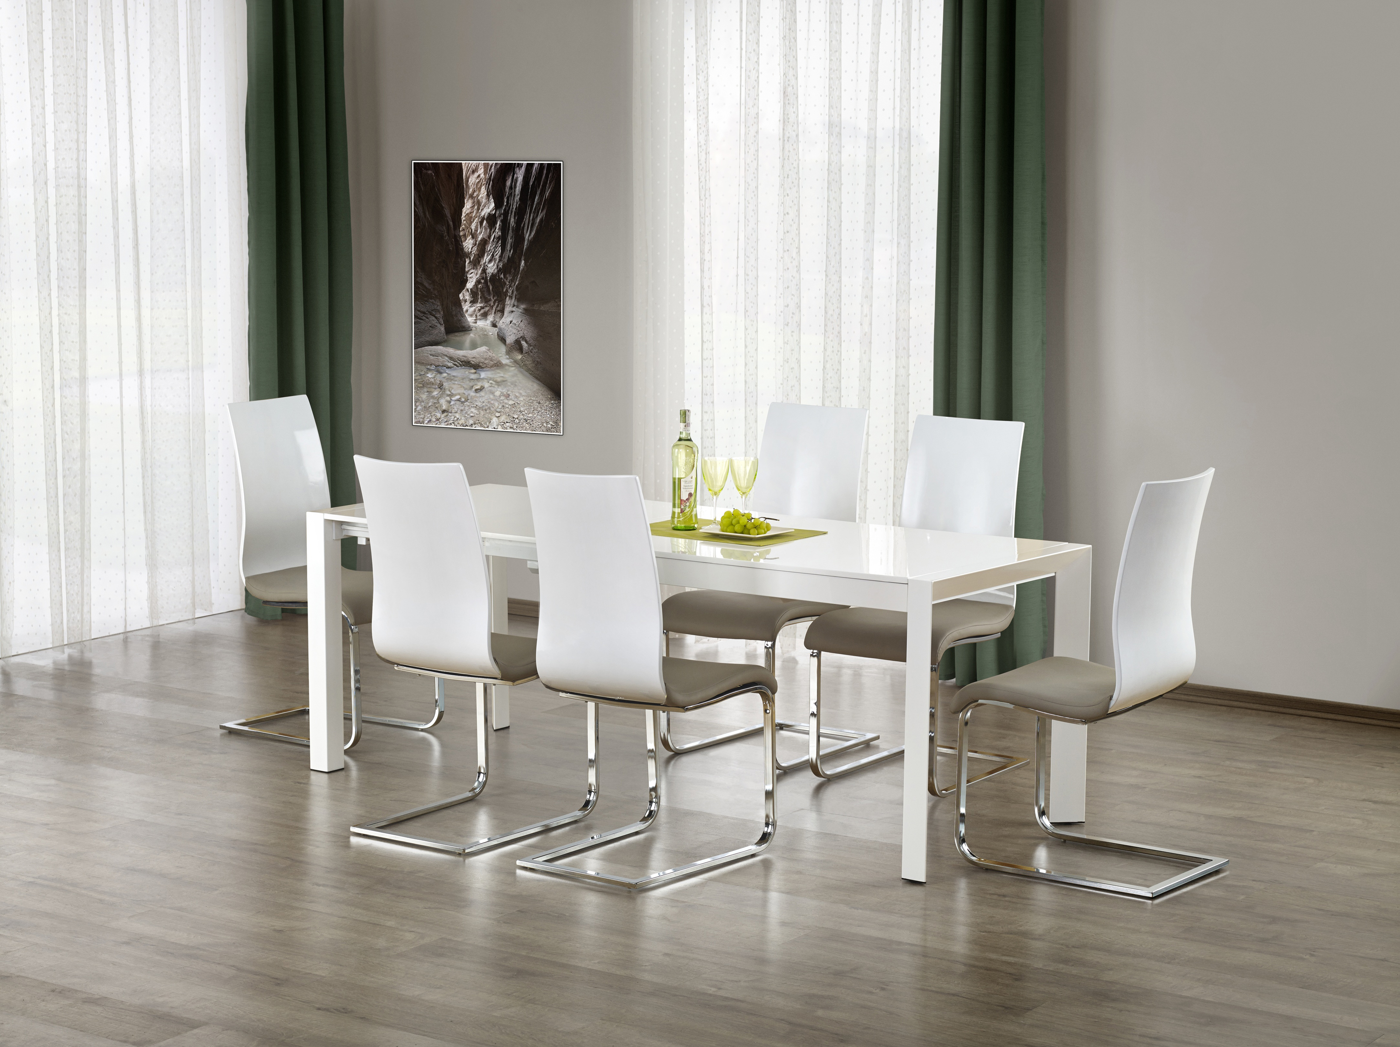 STANFORD stół rozkładany biały (2p=1szt)